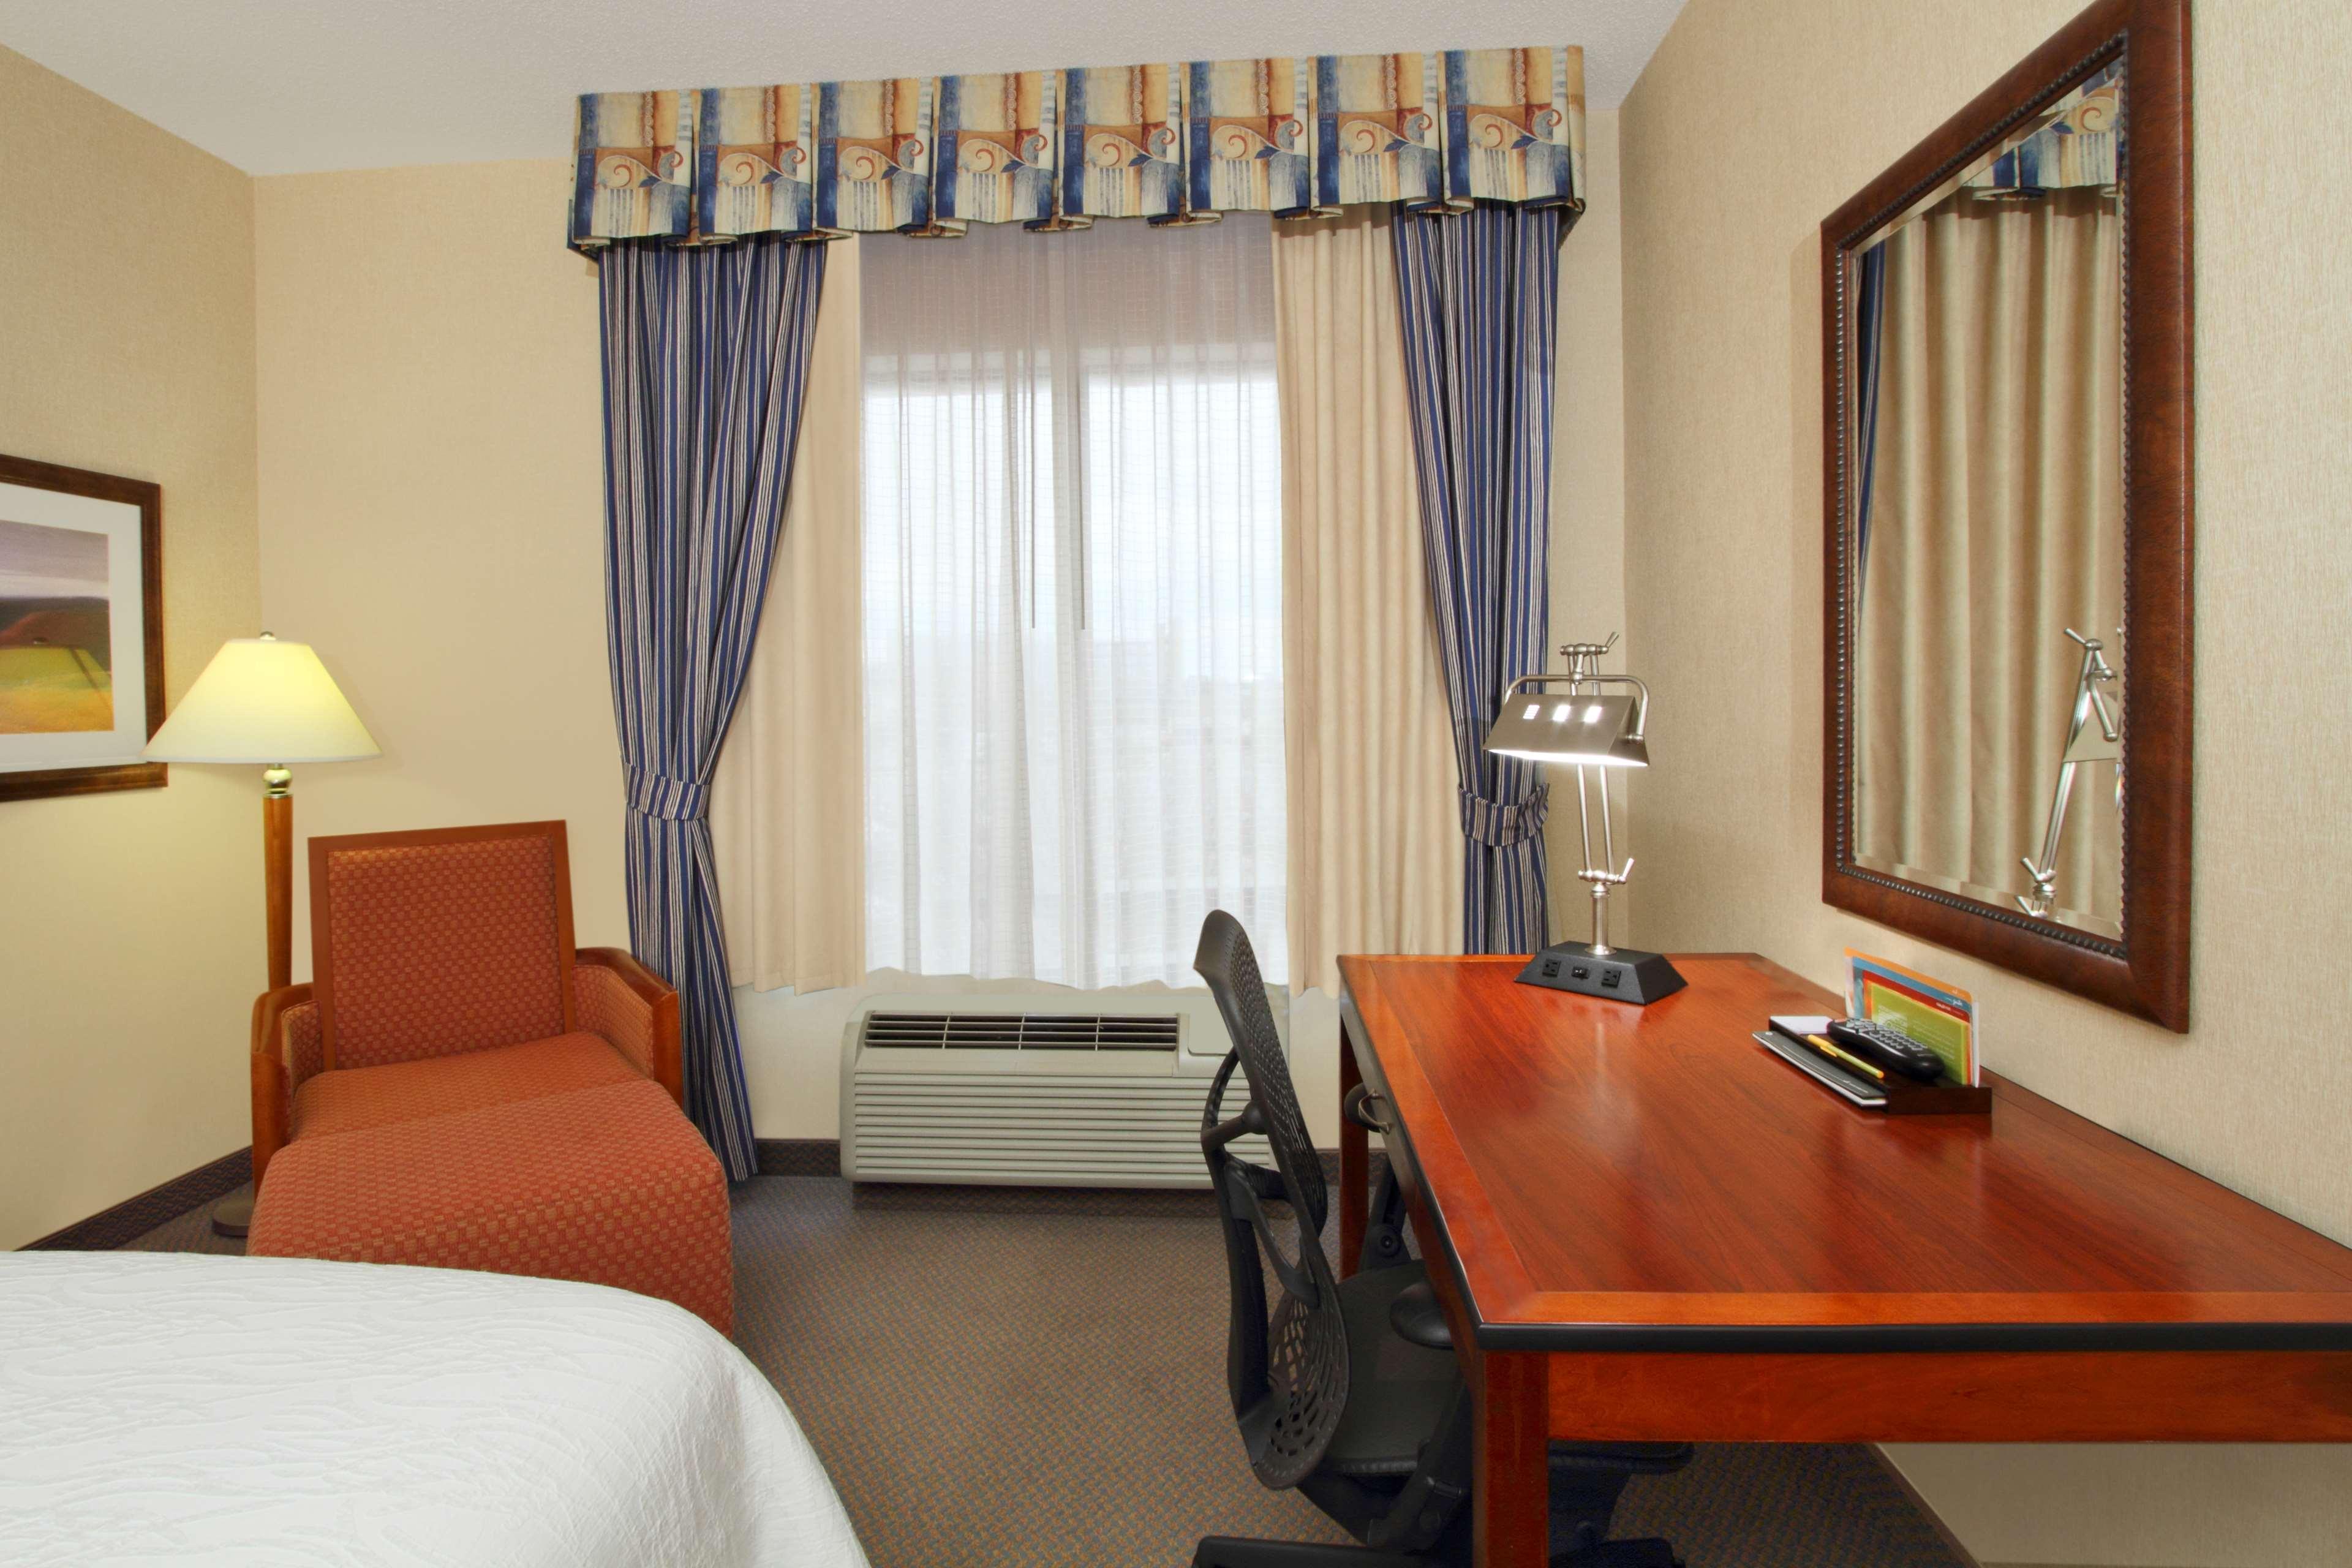 Hilton Garden Inn Columbus-University Area image 15